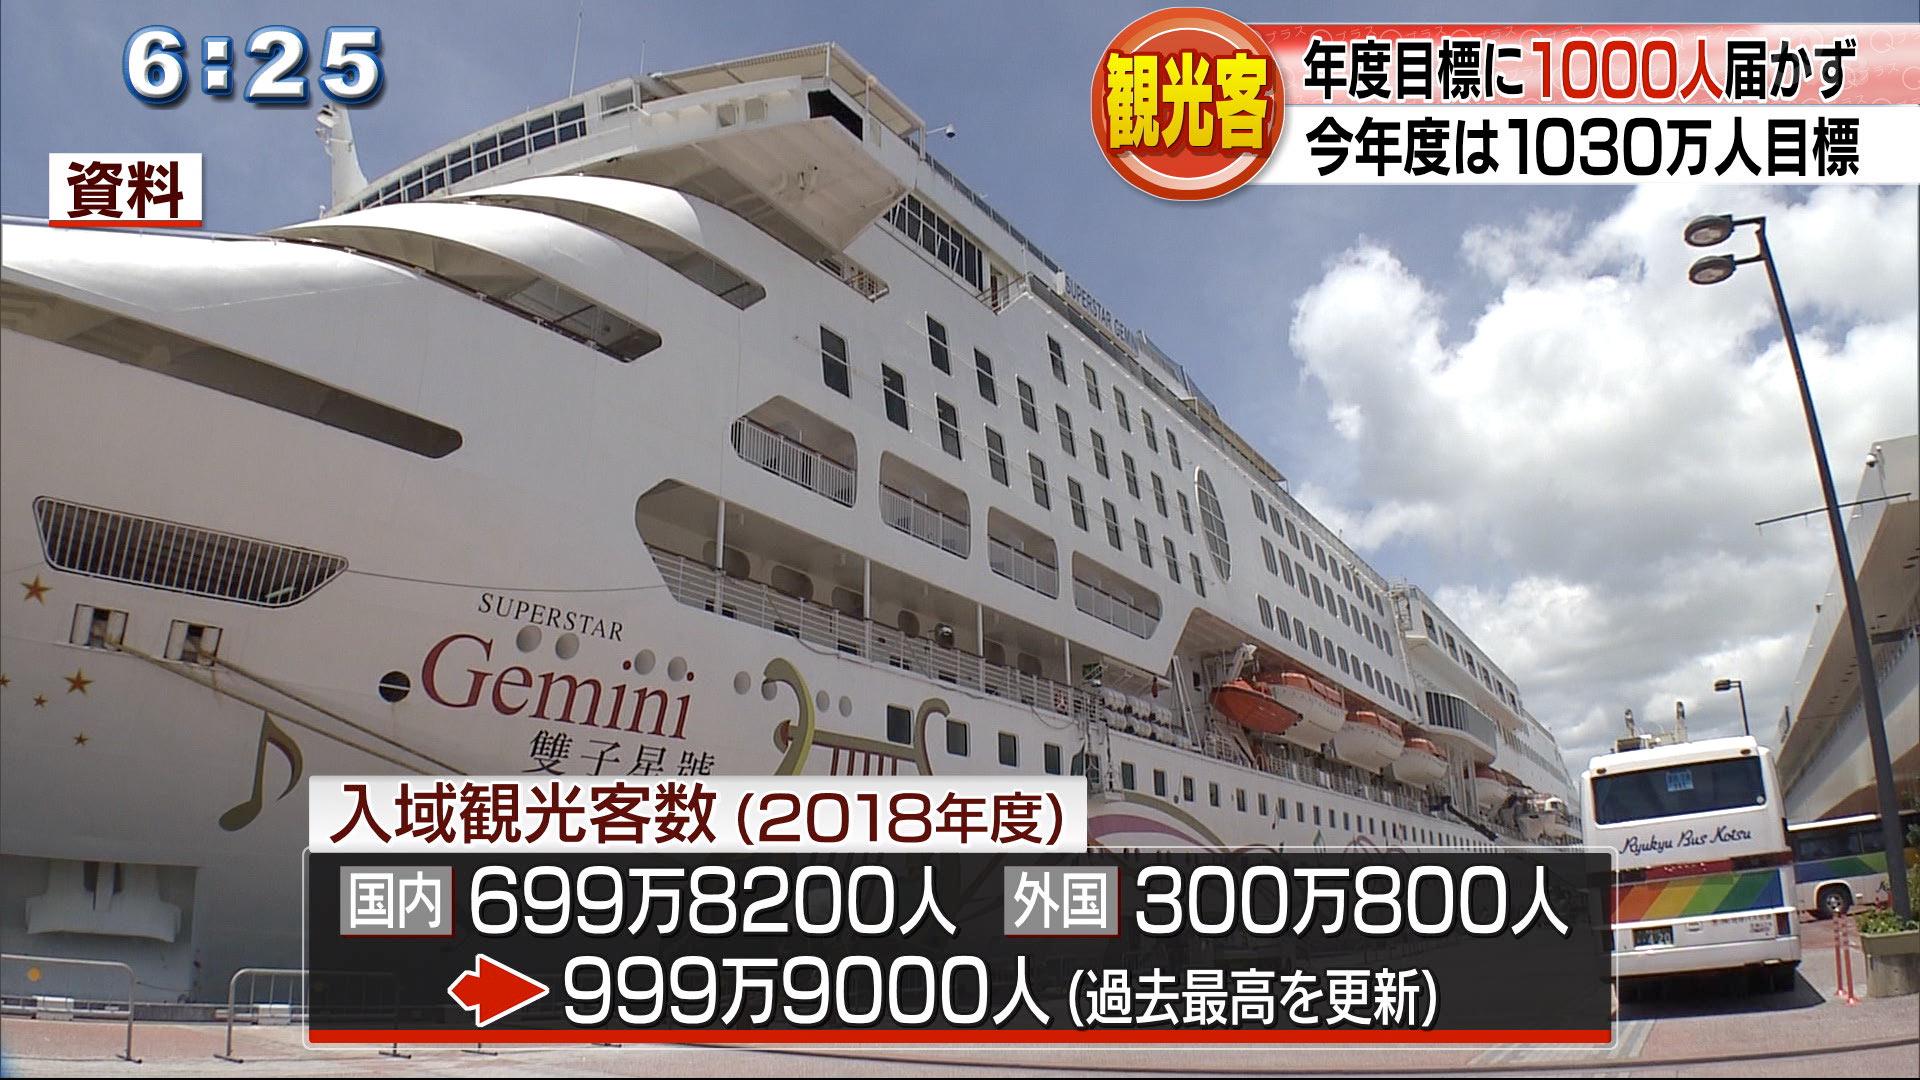 観光客数が目標1000万人に一歩届かず